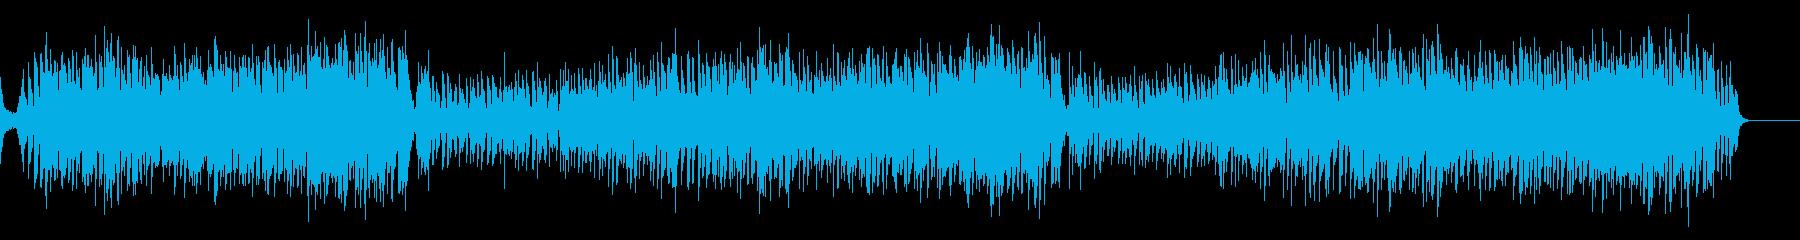 【リズムなし】情熱的フラメンコ/ラテンの再生済みの波形